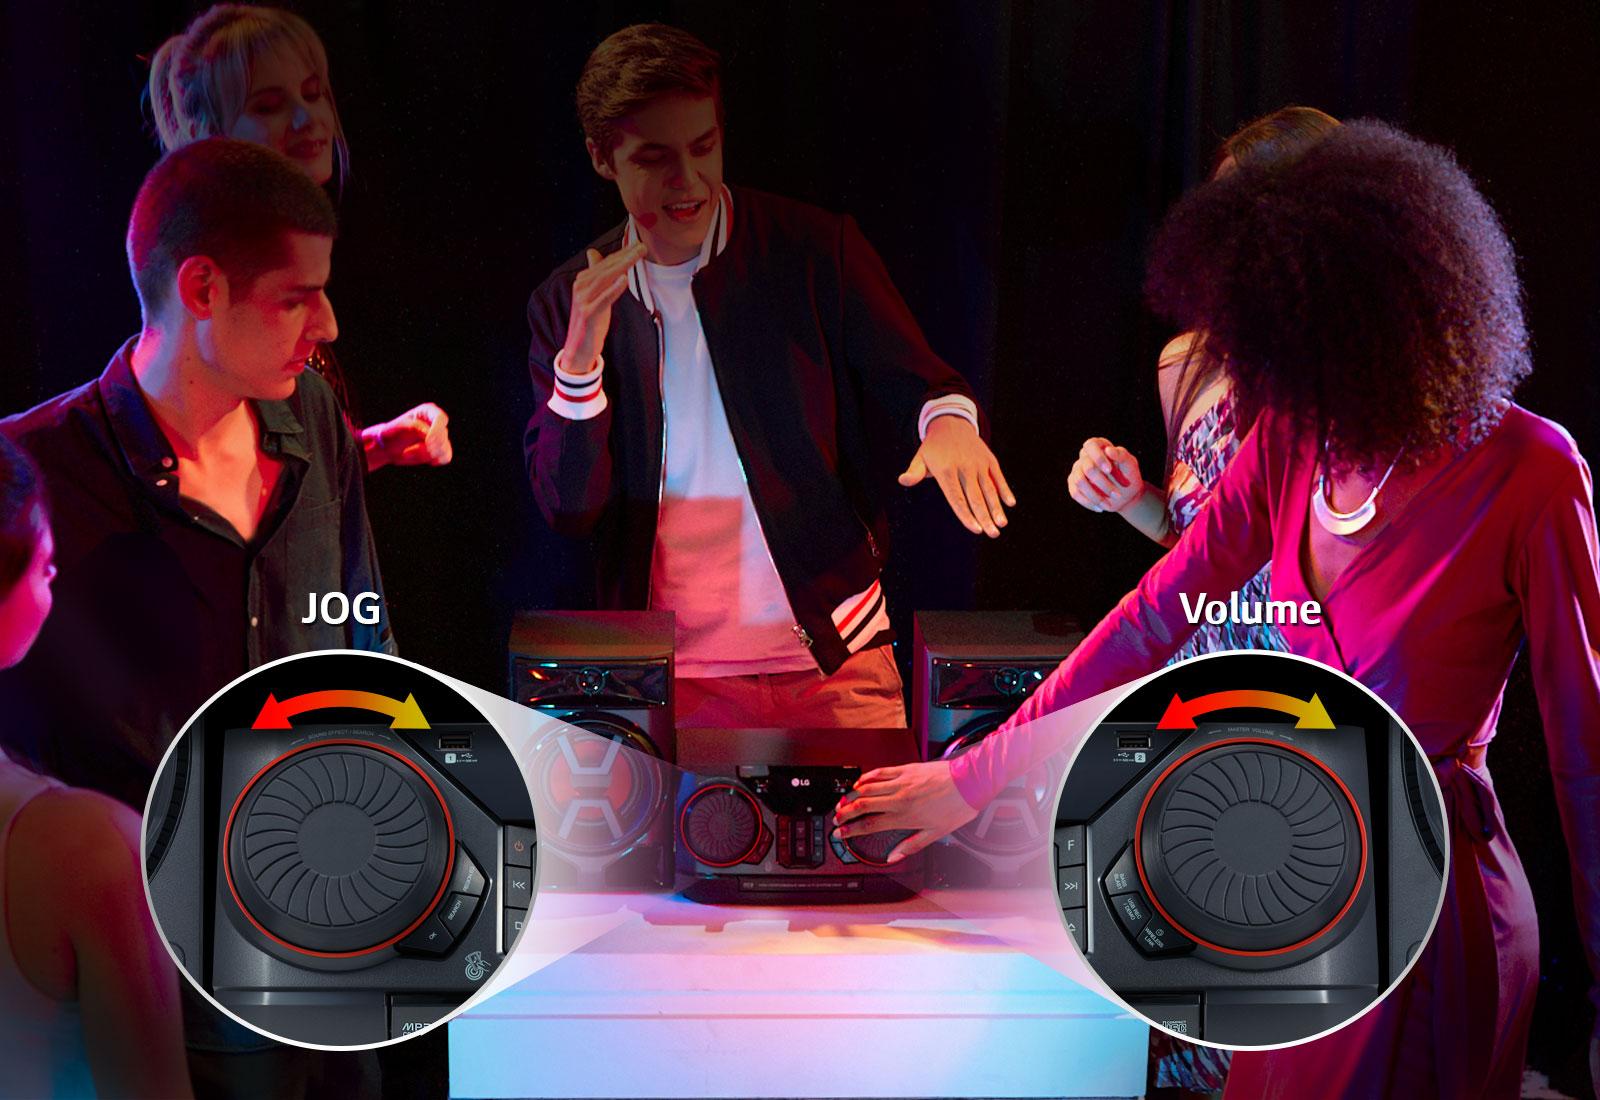 Novo Main Set inspirado nas mesas profissionais de DJ